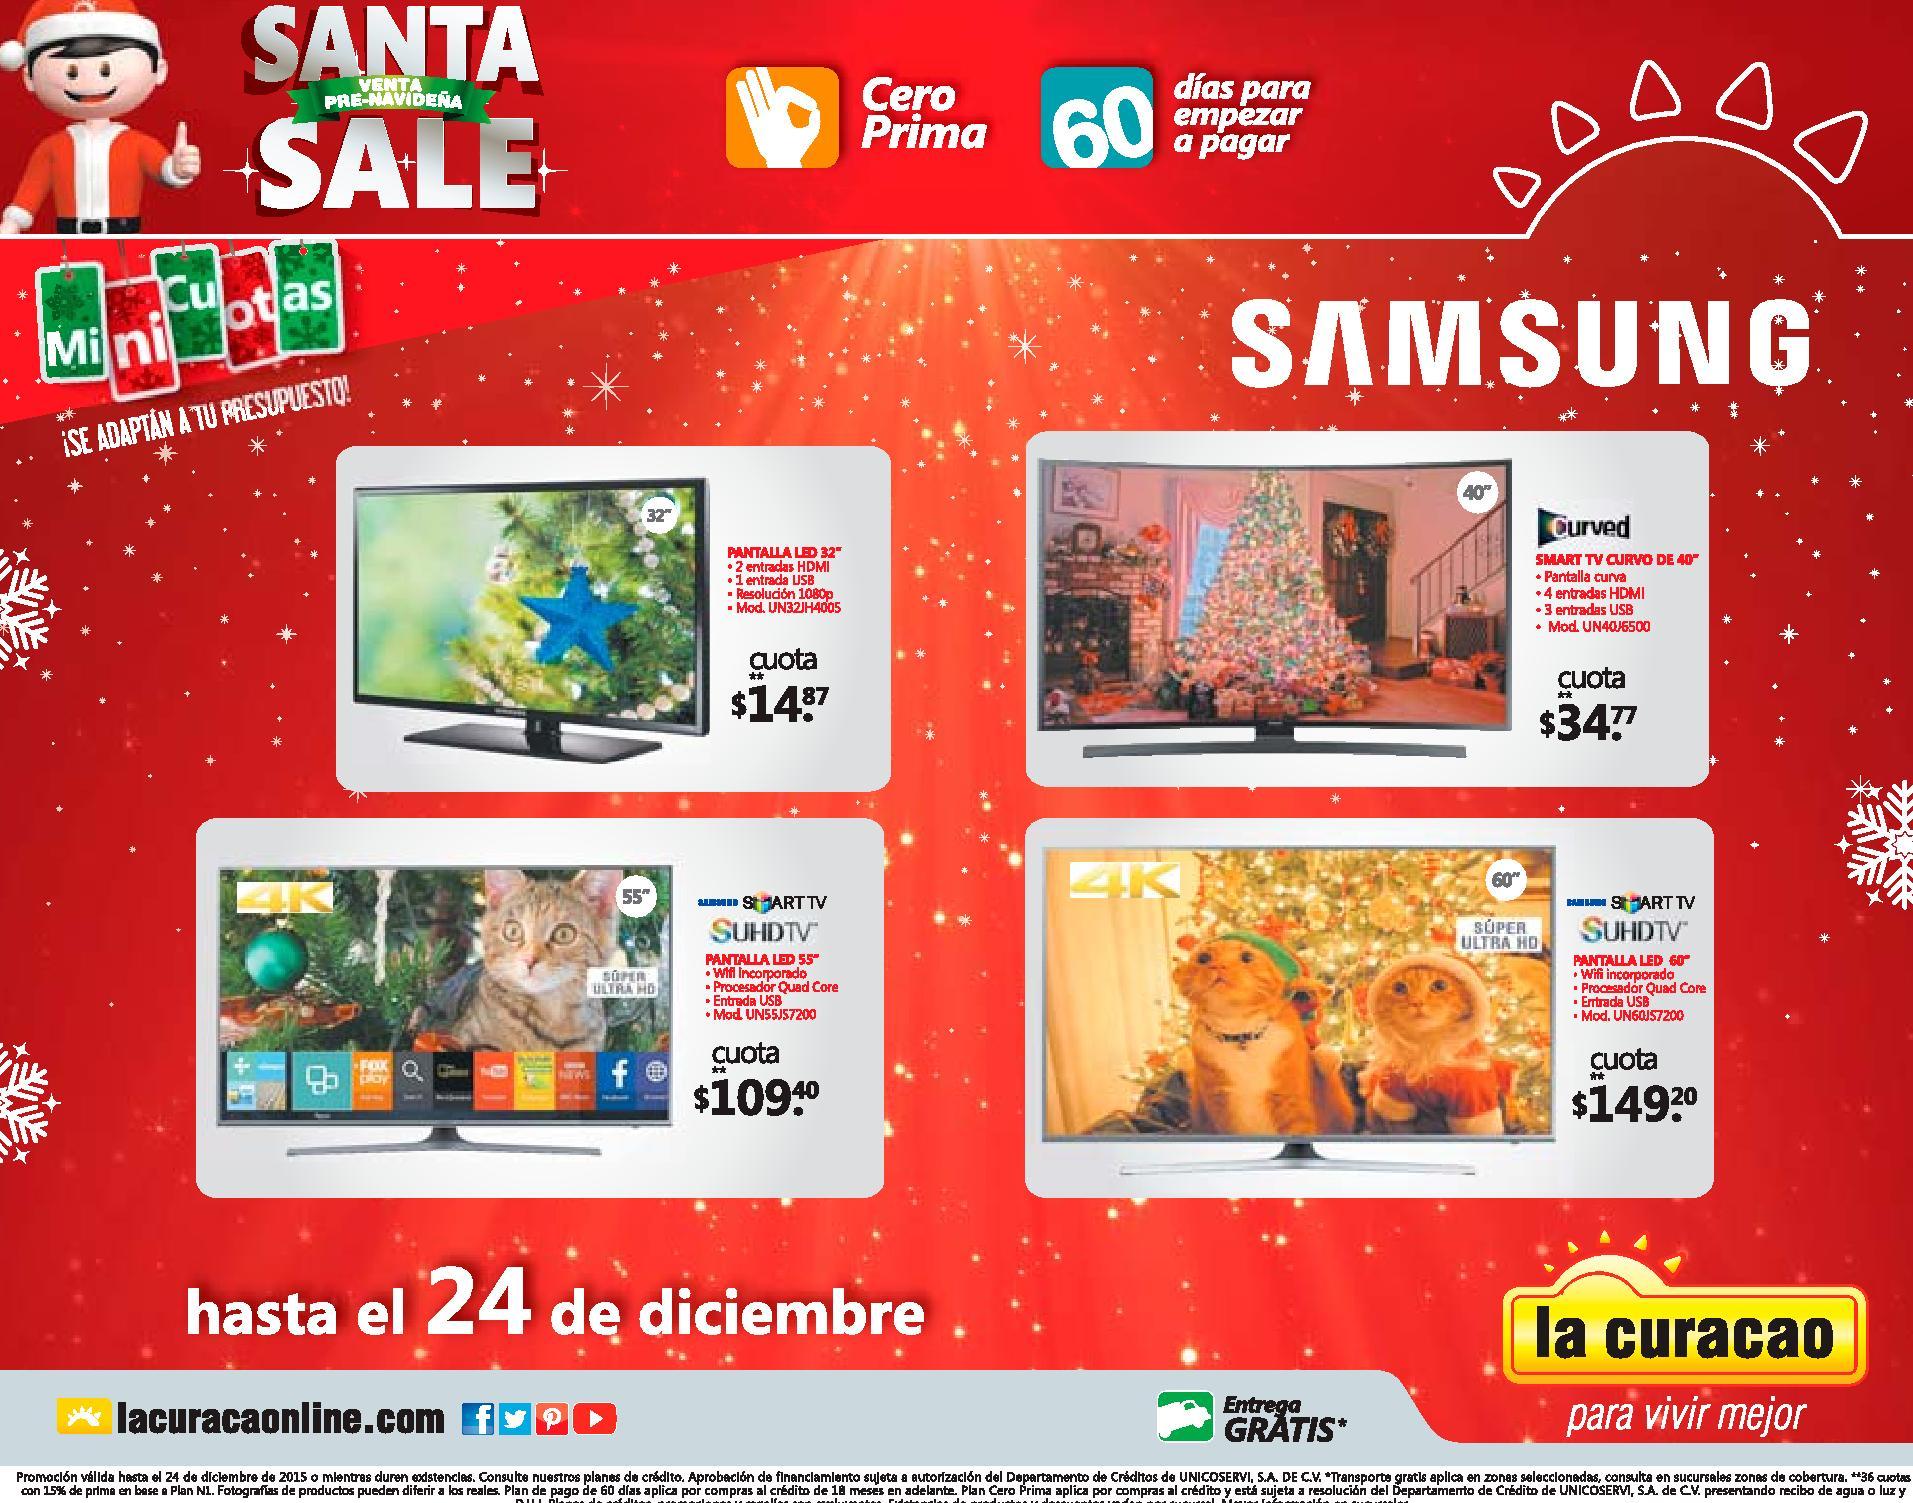 LA CURACAO ofertas en ultima tecnologia de pantallas y televisores smart